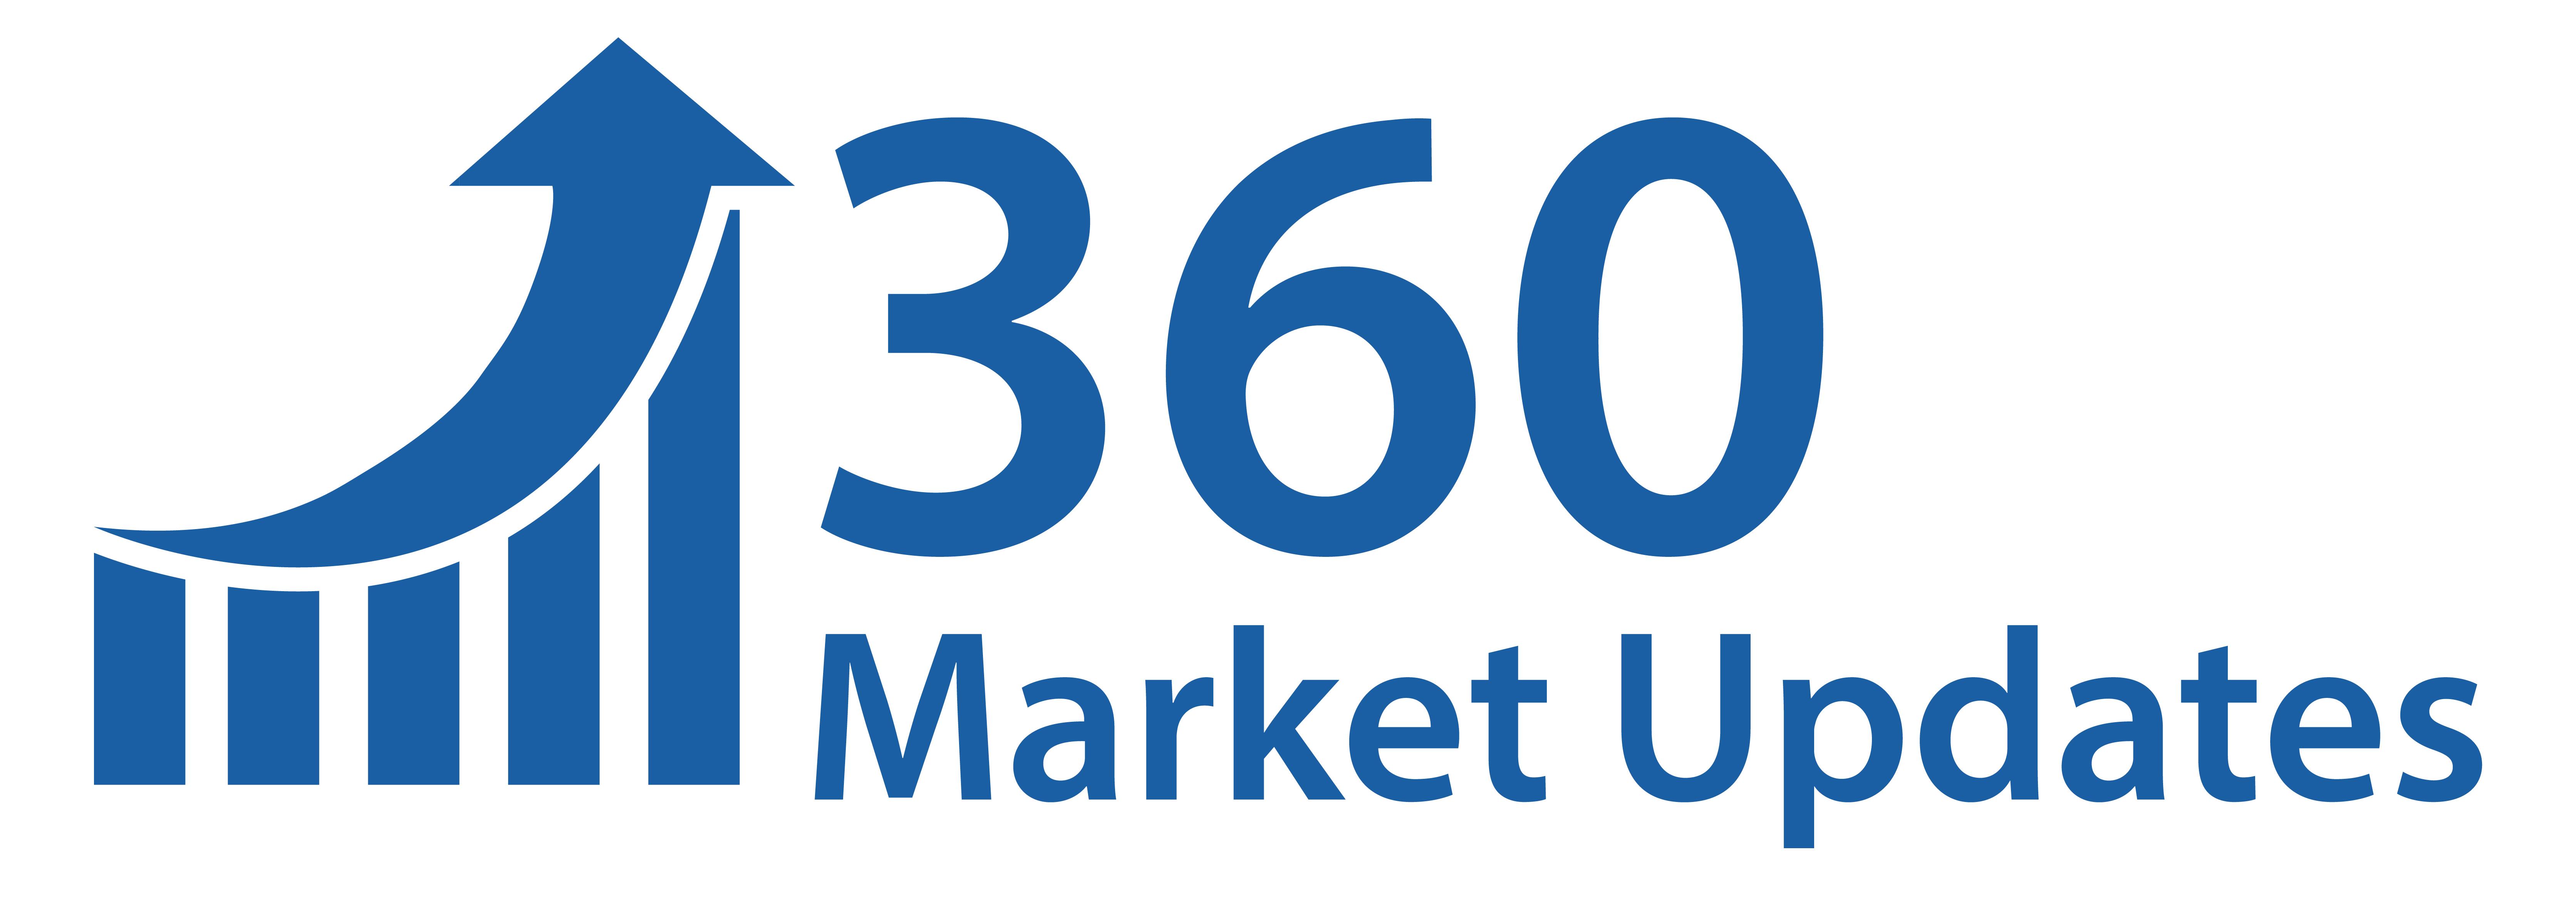 Bio-MilchpulverMarkt 2020 – Industrienachfrage, Aktie, Größe, Zukunftstrends Pläne, Wachstumschancen, Schlüsselakteure, Anwendung, Nachfrage, Branchenforschungsbericht von Regional Forecast to 2024